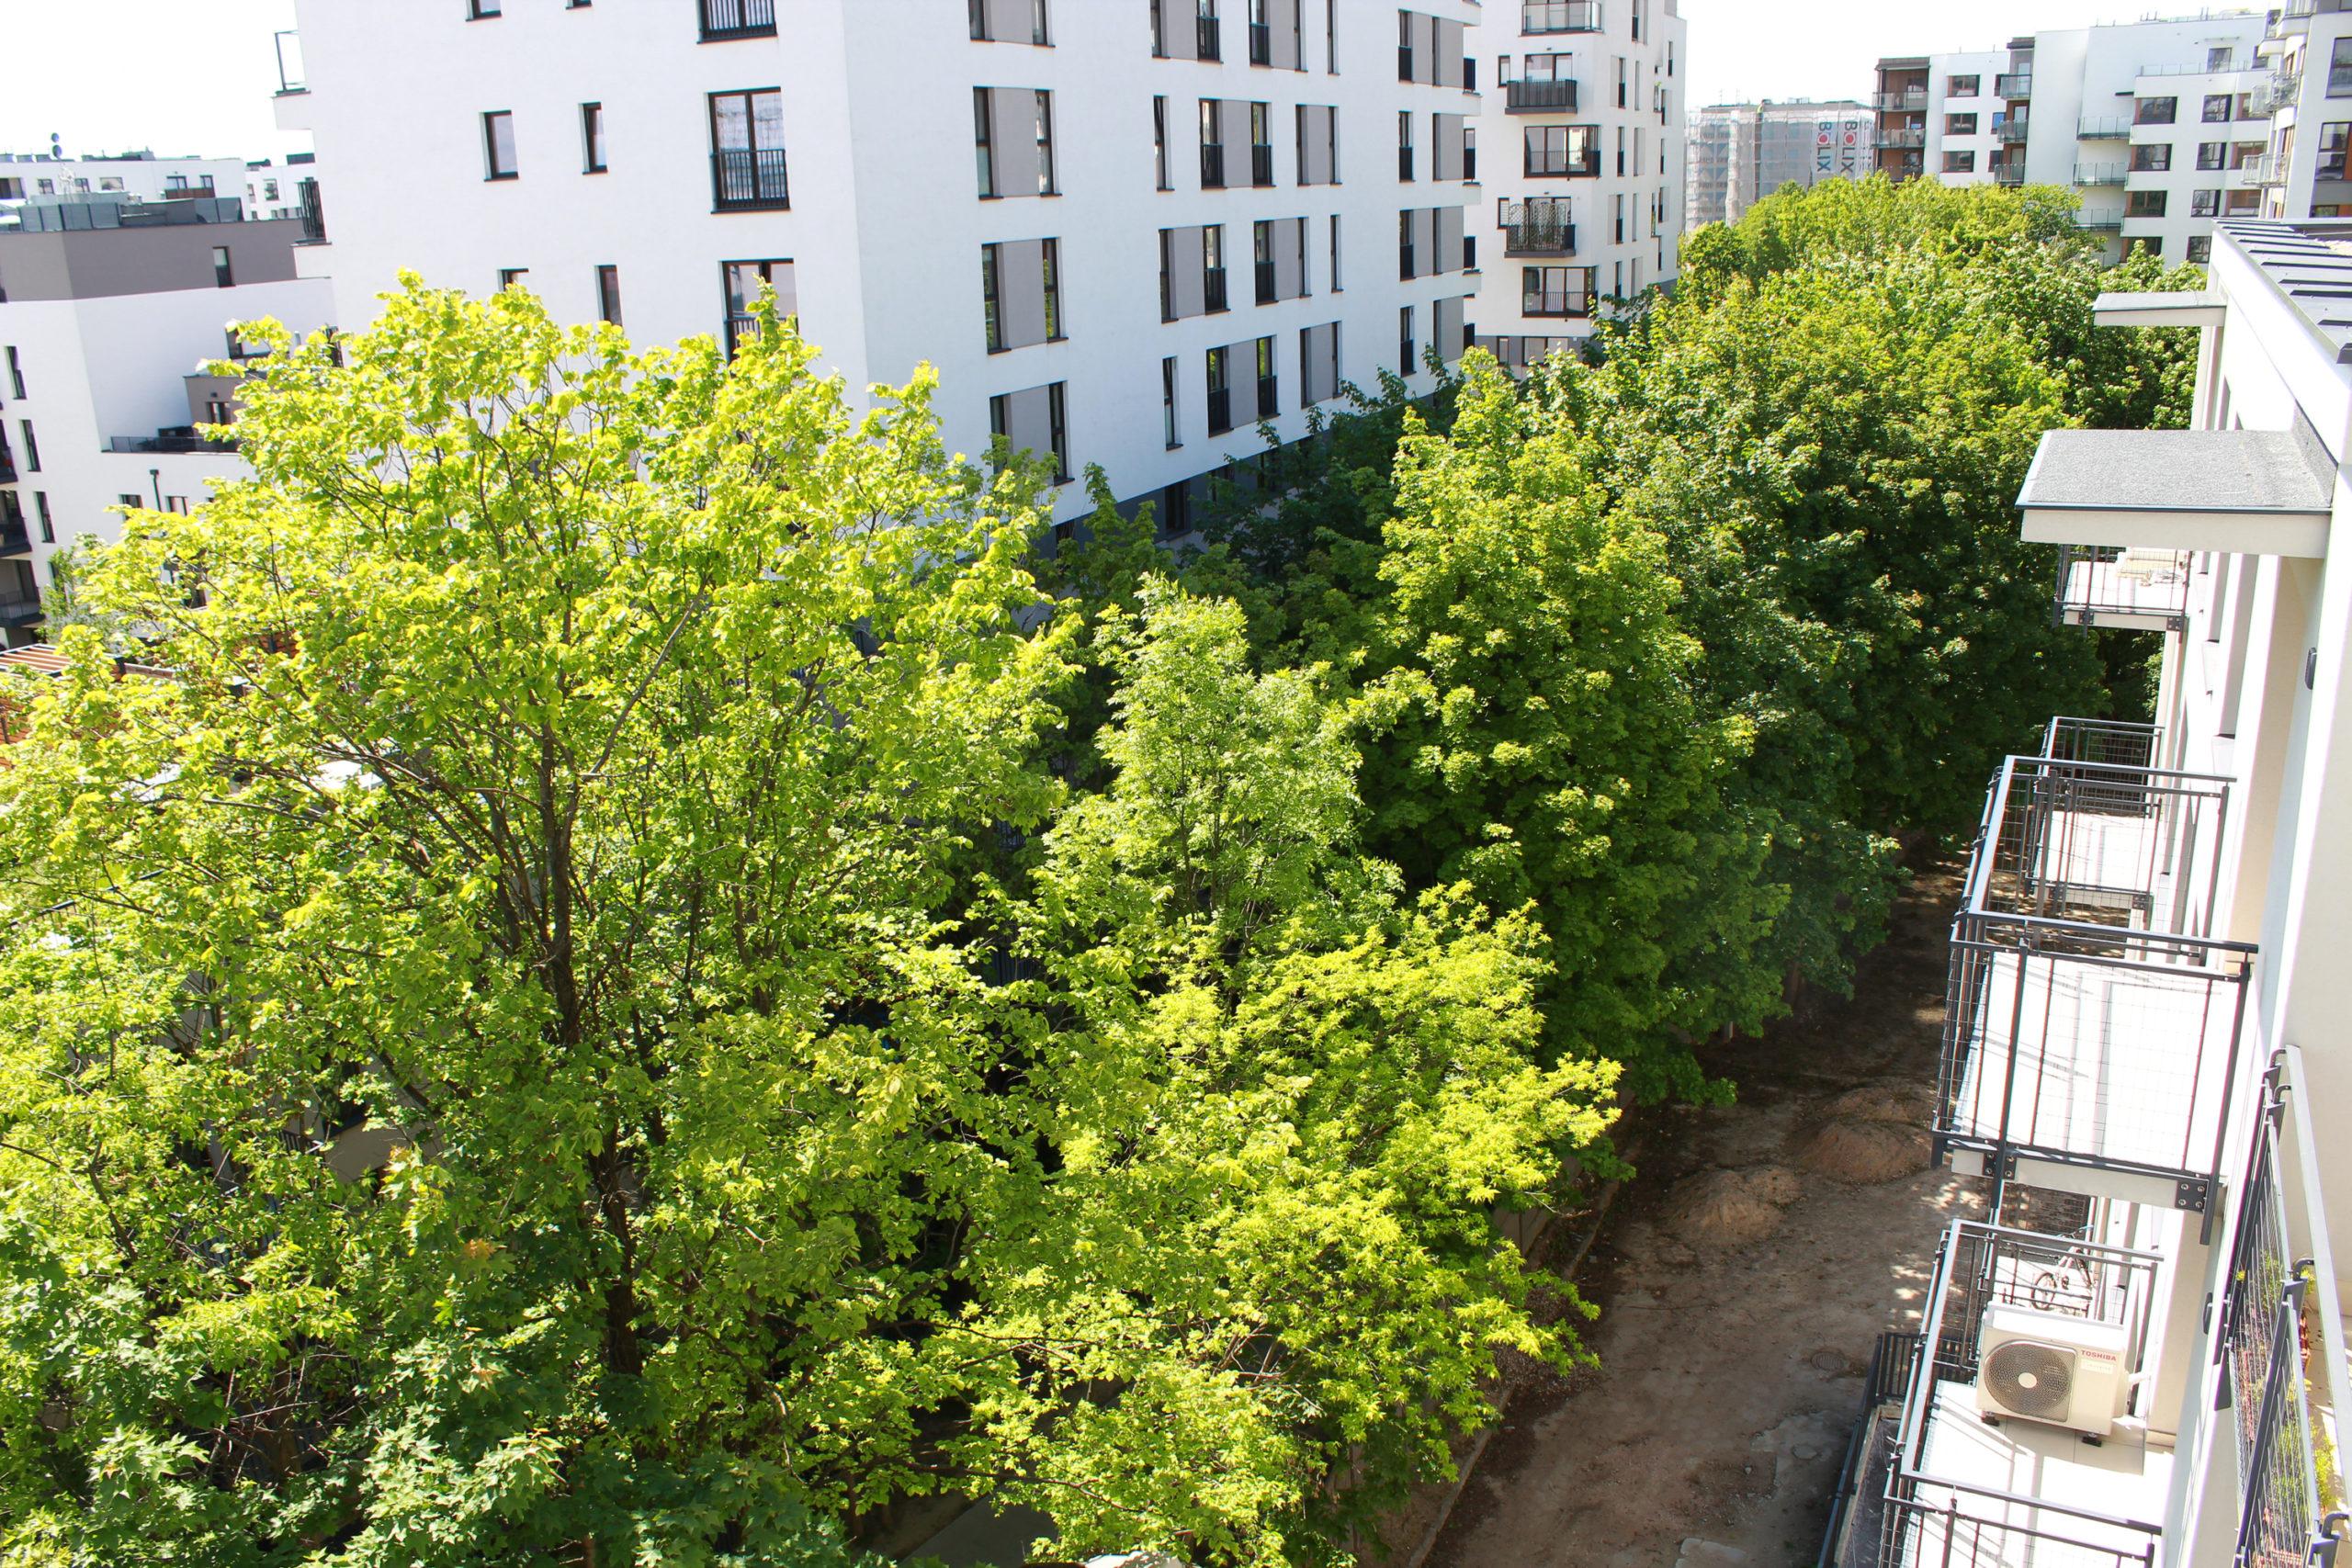 widok z balkonu na drzewa na osiedlu